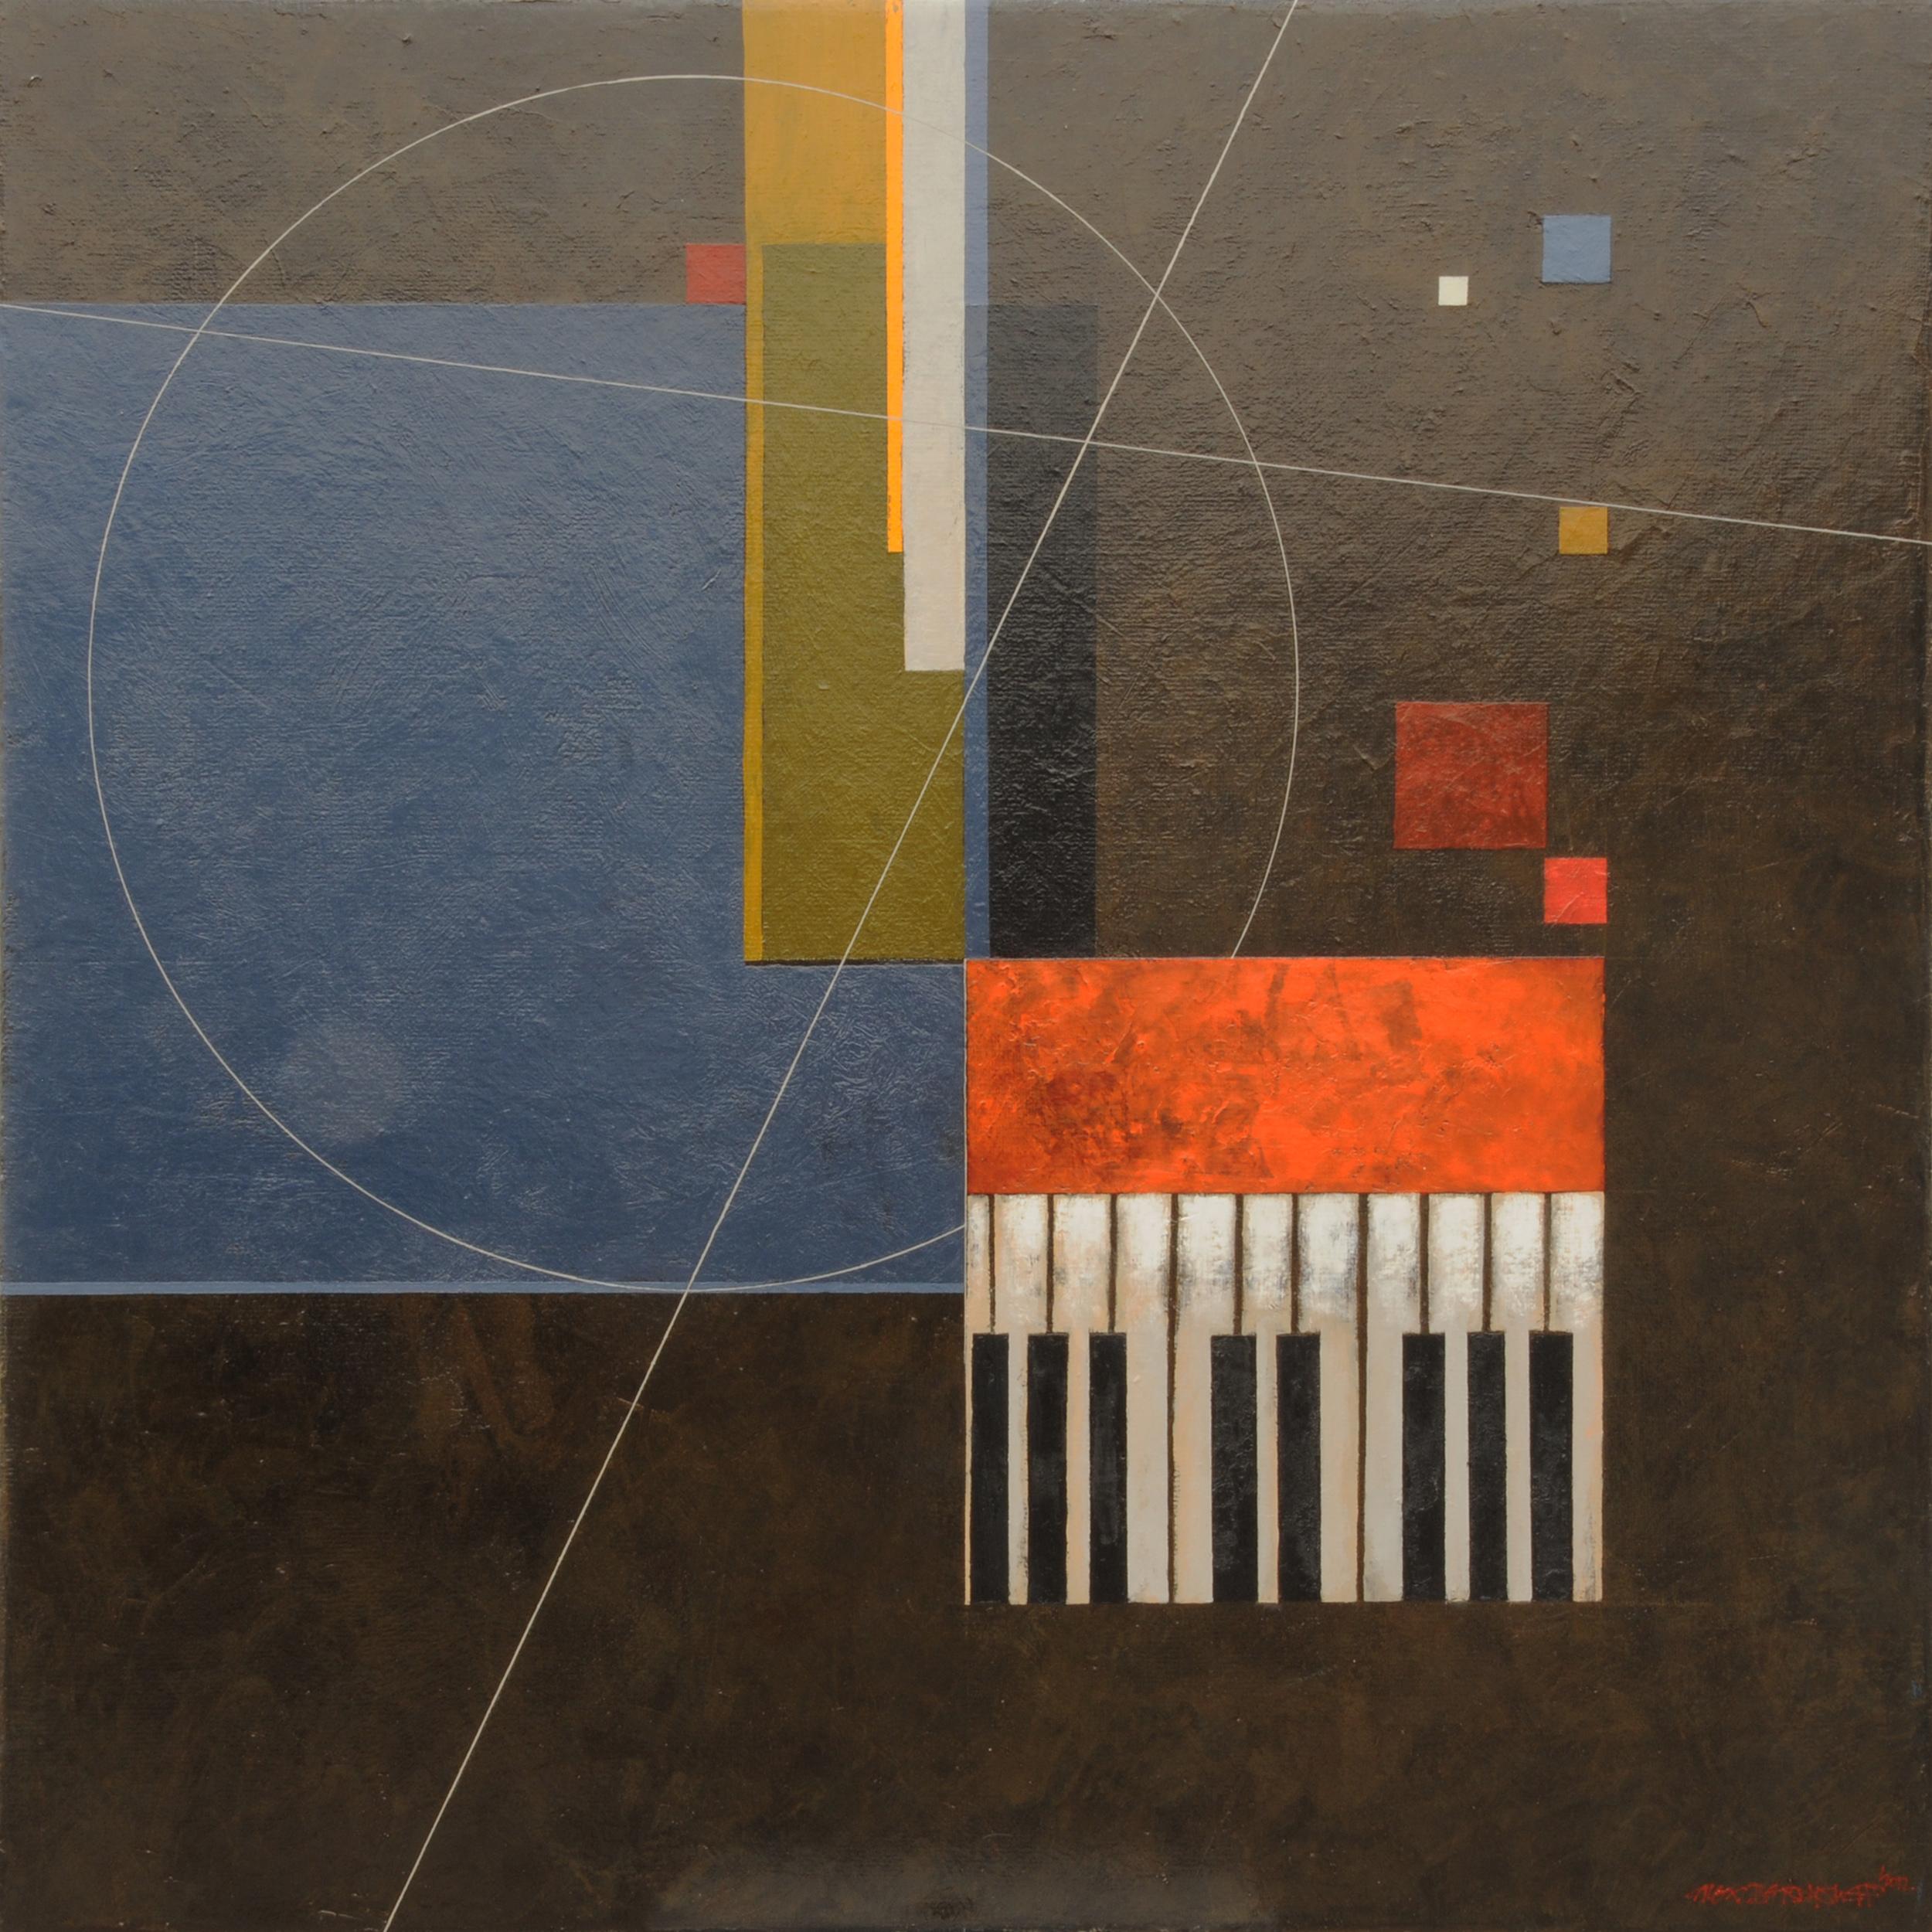 Jazz Hour, oil on canvas, 85x85 cm, 2012